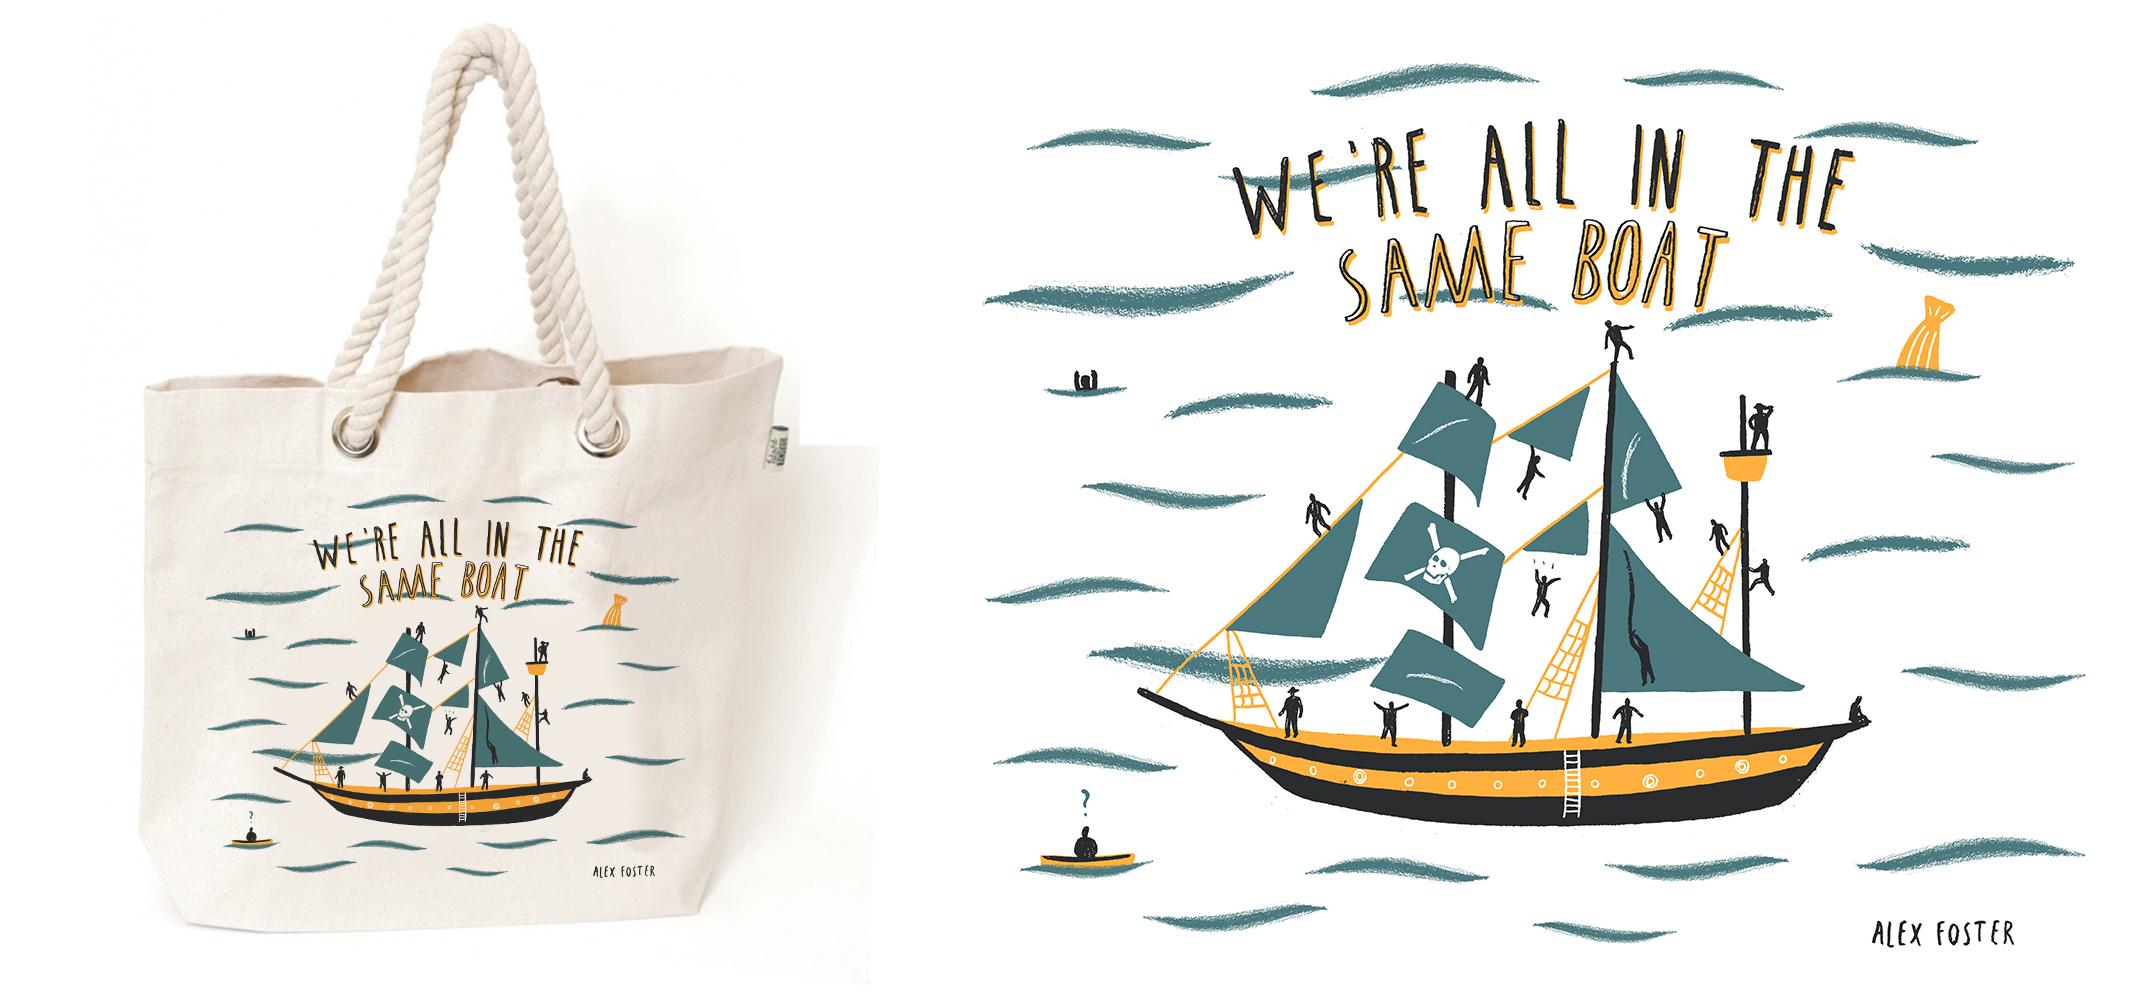 All in the same boat.jpg